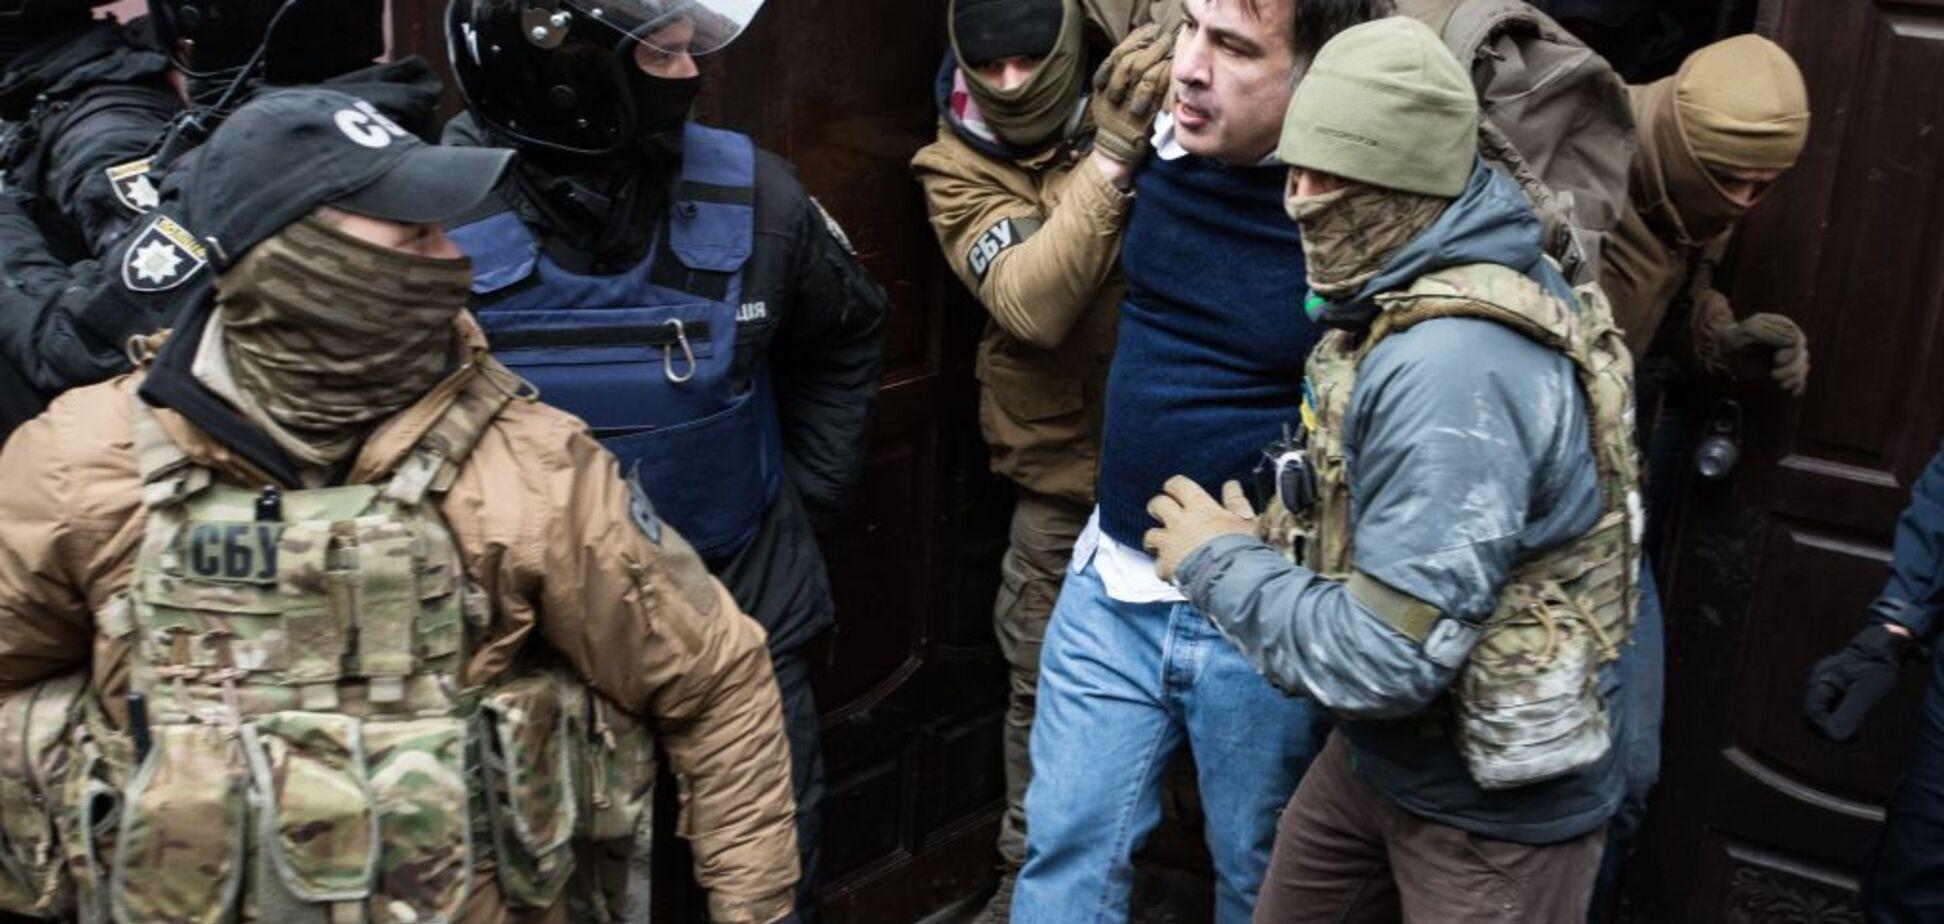 З обшуками і погрозами суїциду: в Києві затримали Саакашвілі, всі подробиці